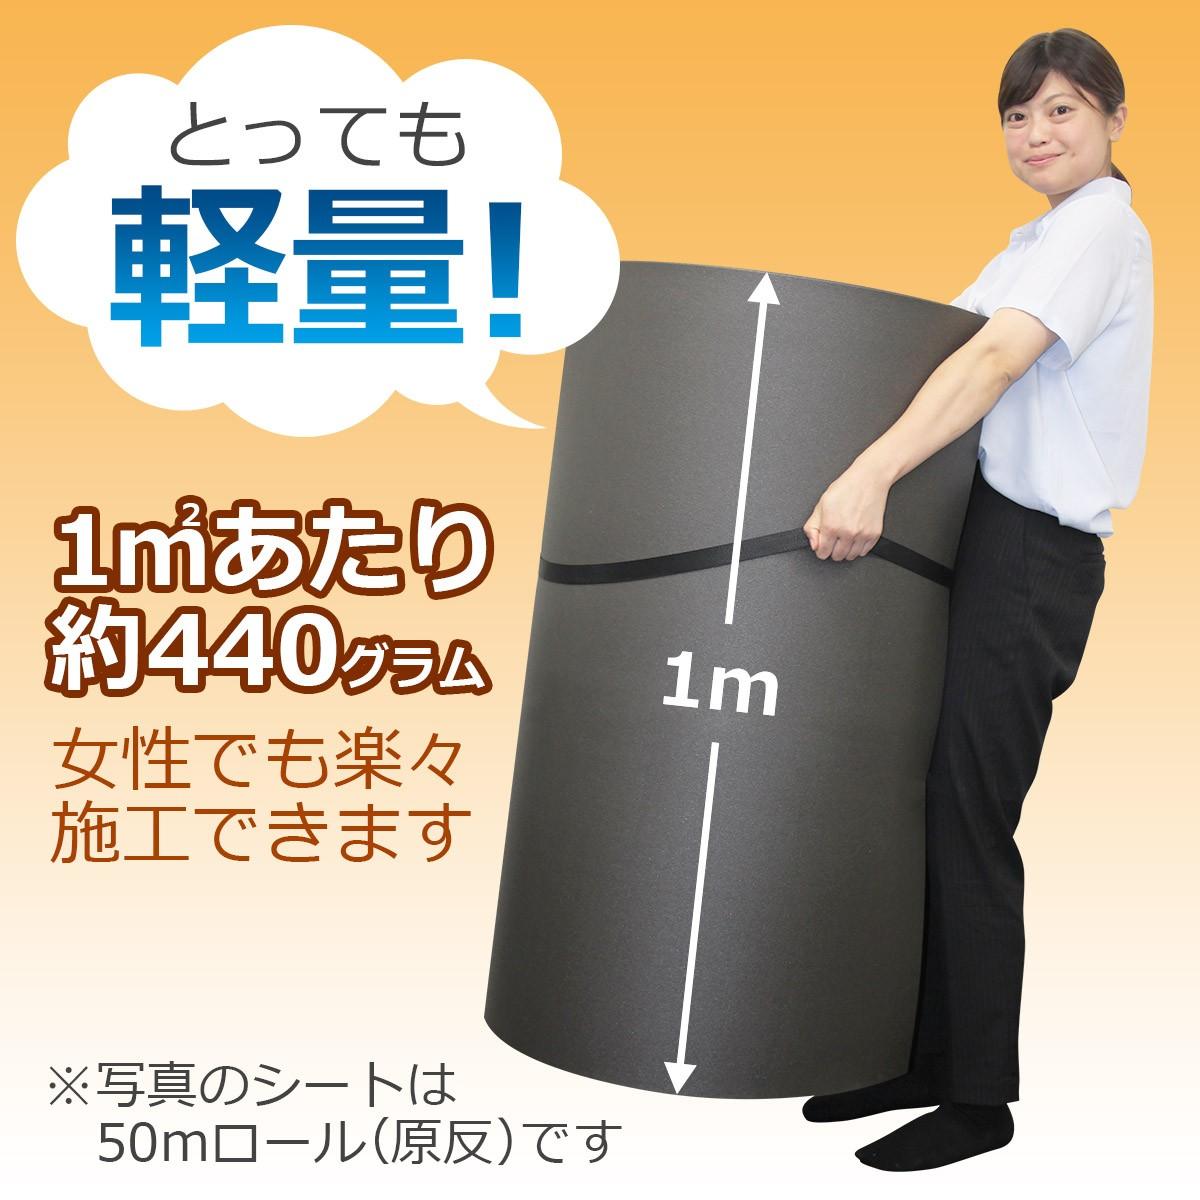 とっても軽量!1平方メートルあたり約440グラム 女性でも楽々施工できます ※写真のシートは50メートルロール(原反)です